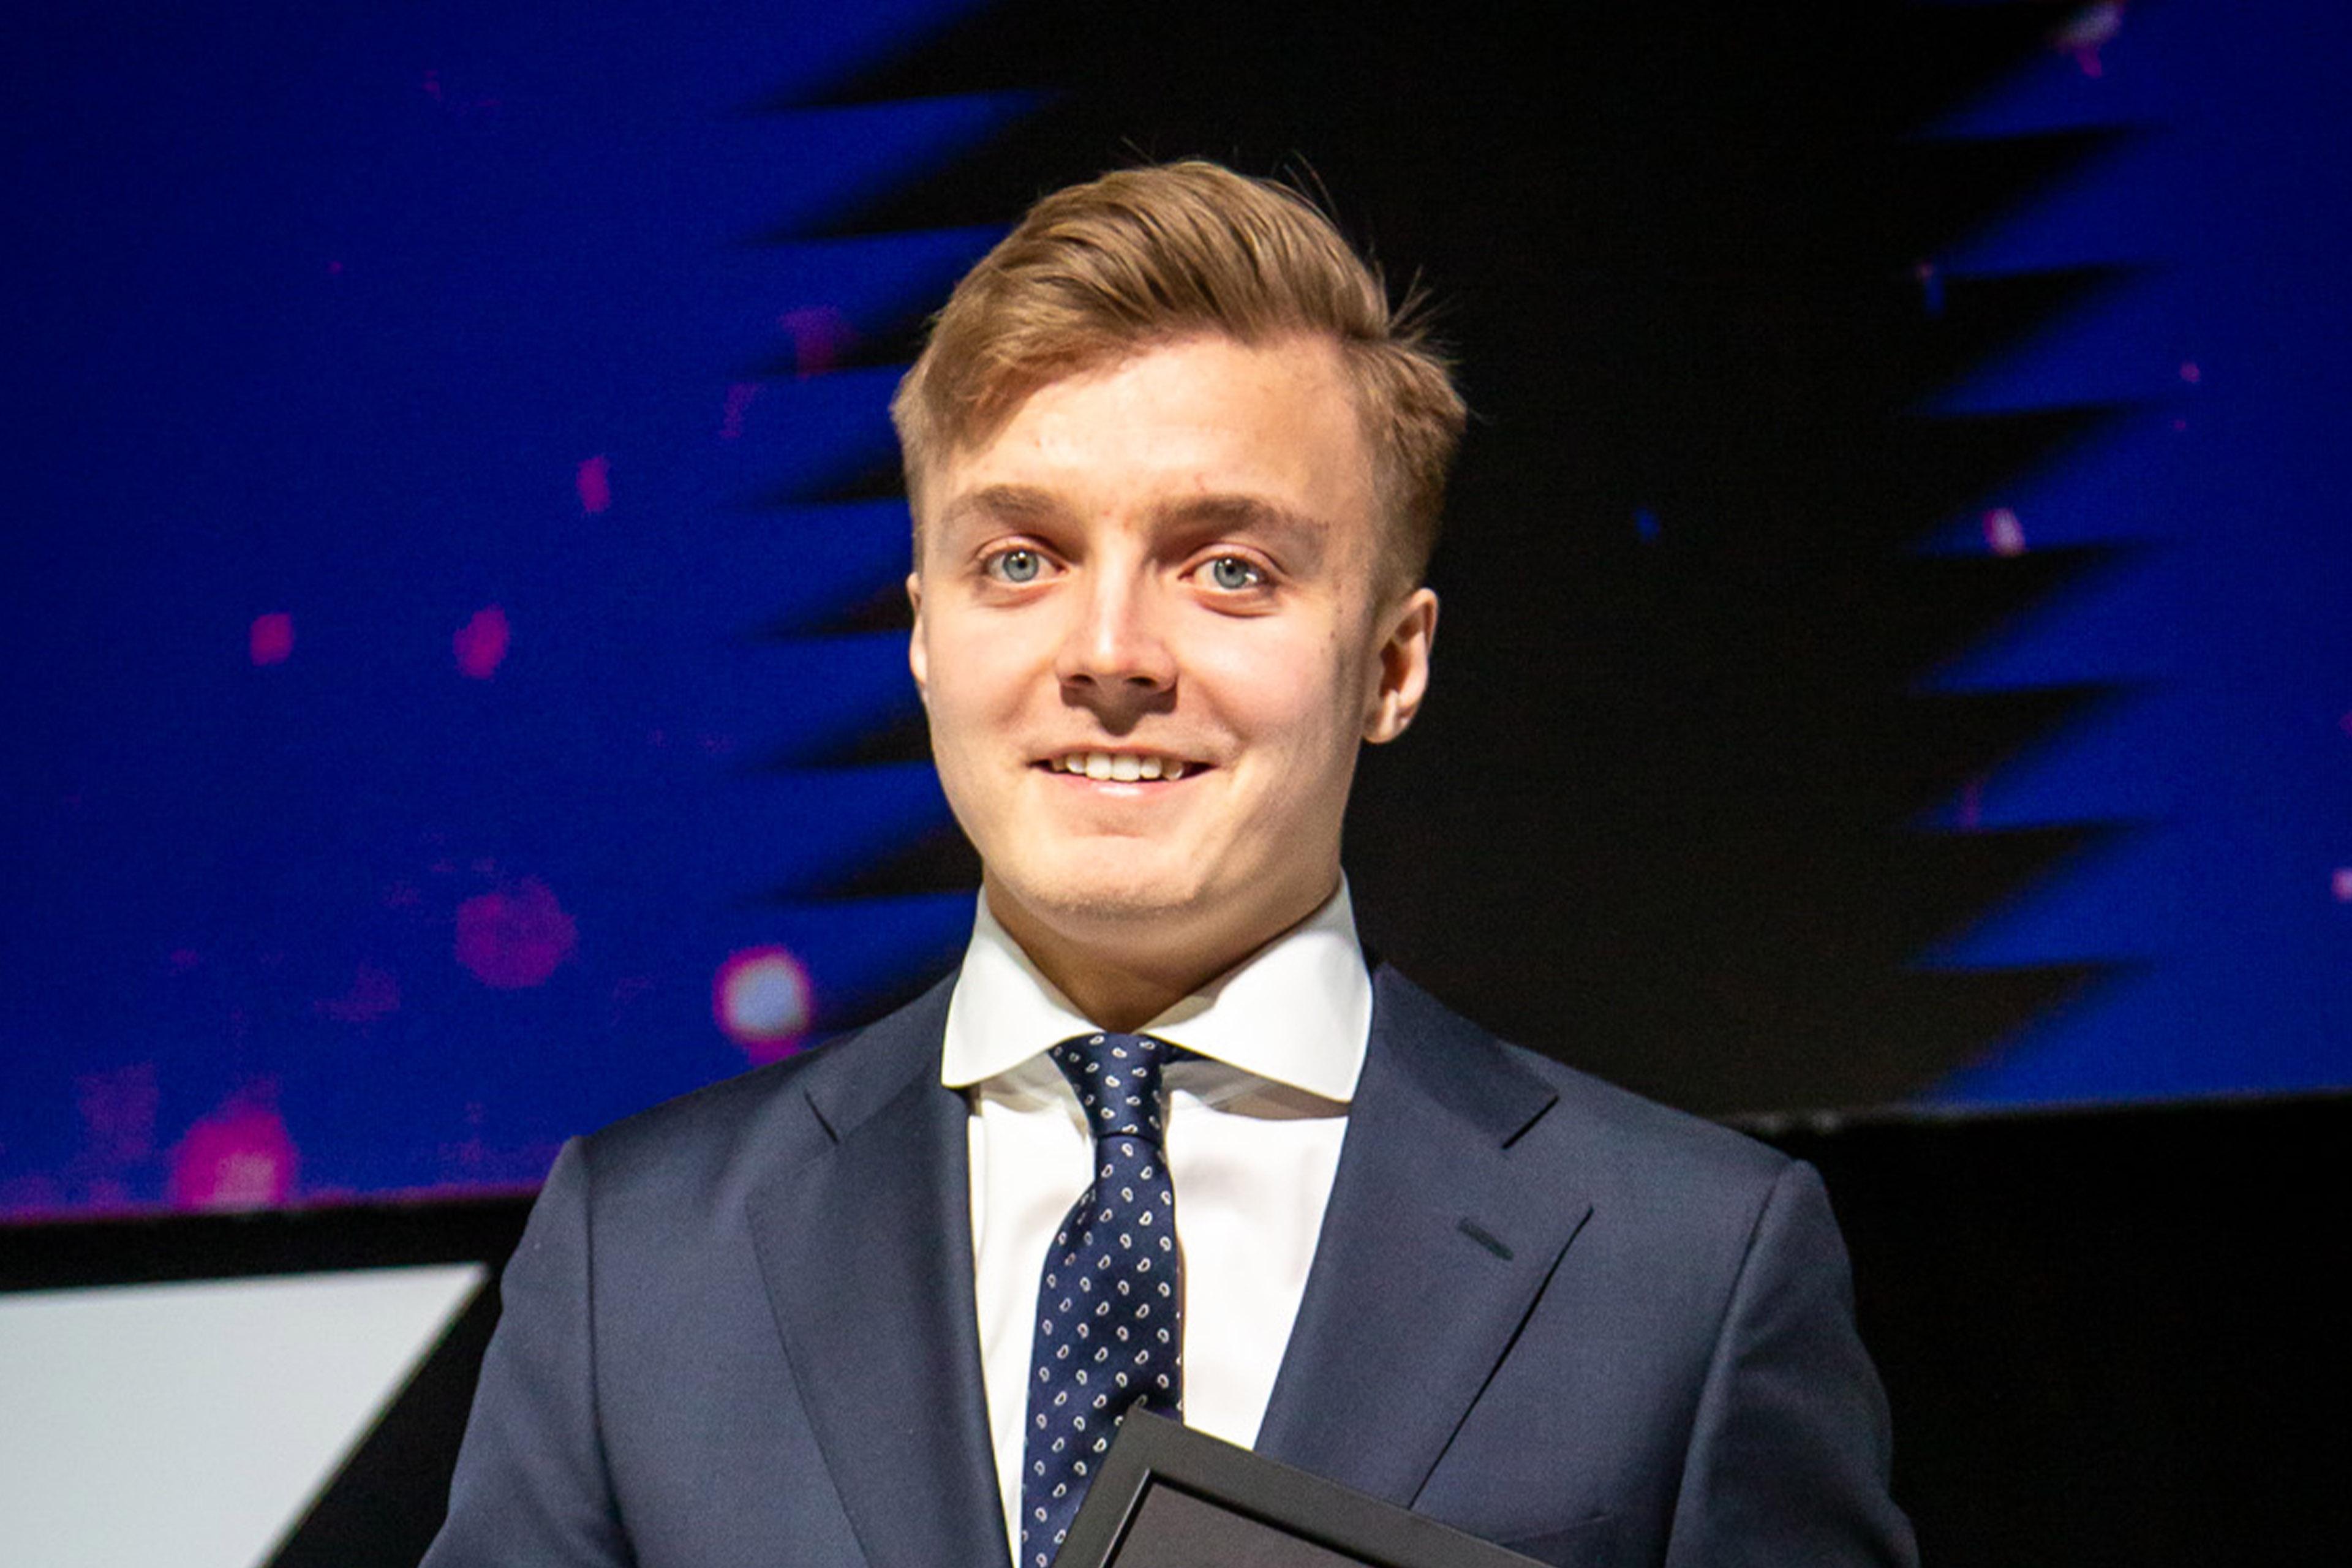 Estonia winner